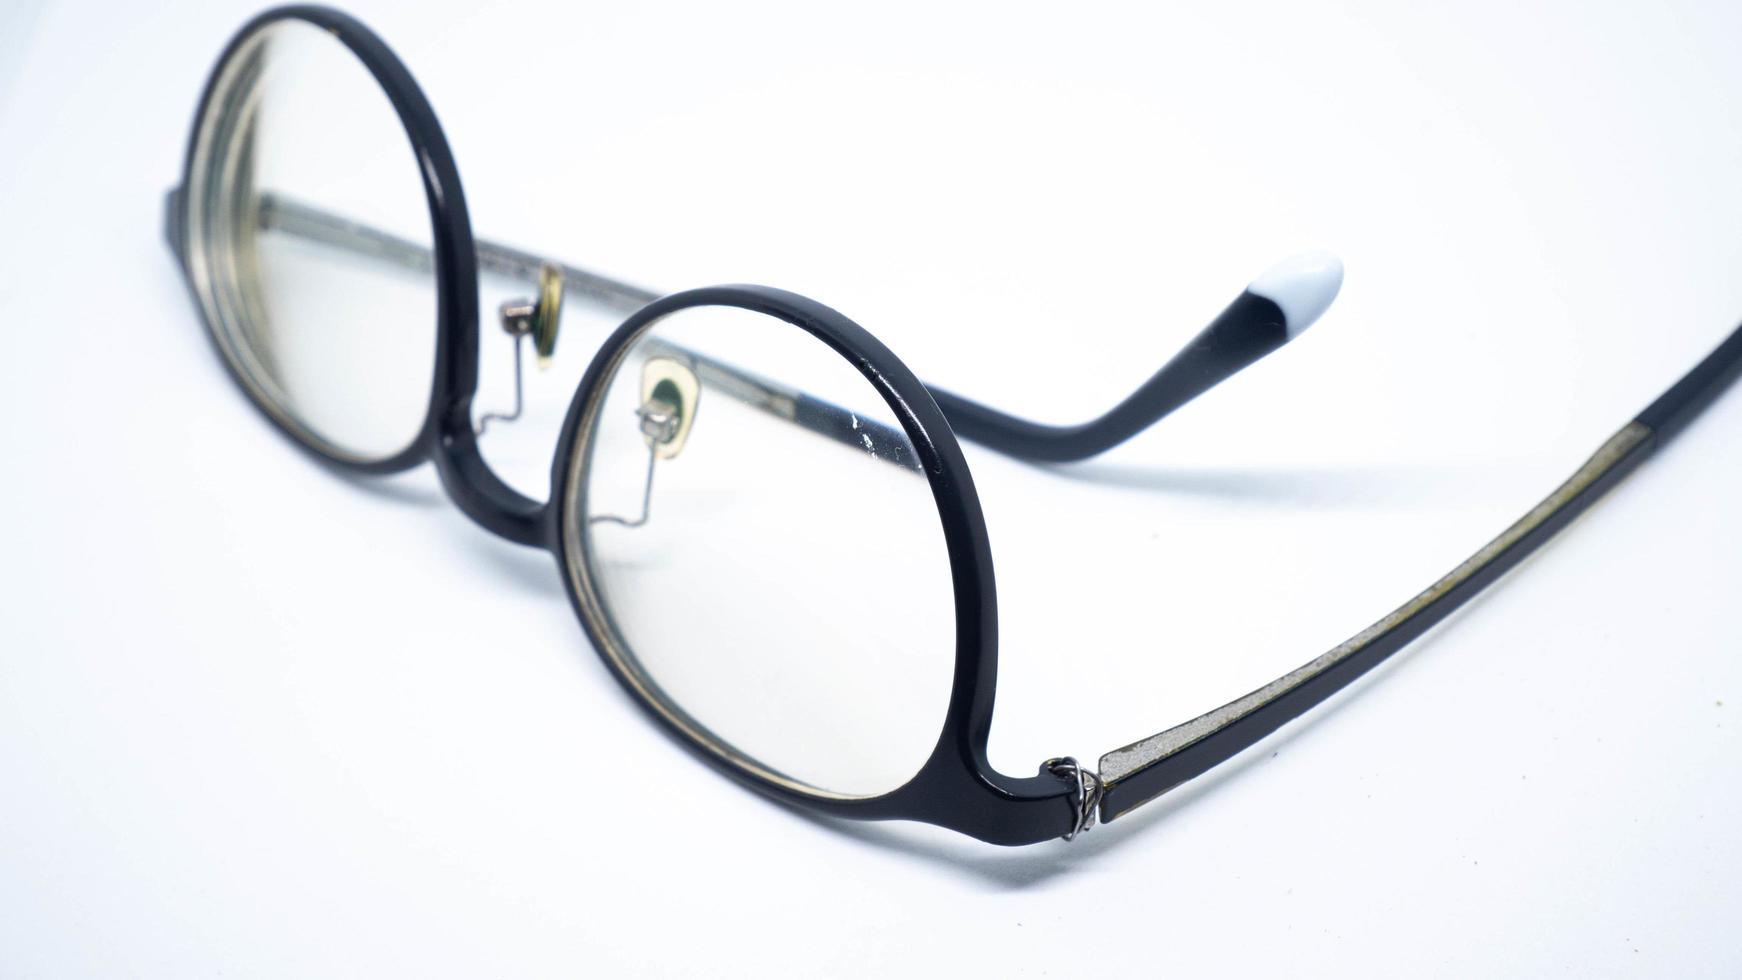 ett brutet glasögonben isolerad på vit bakgrund foto